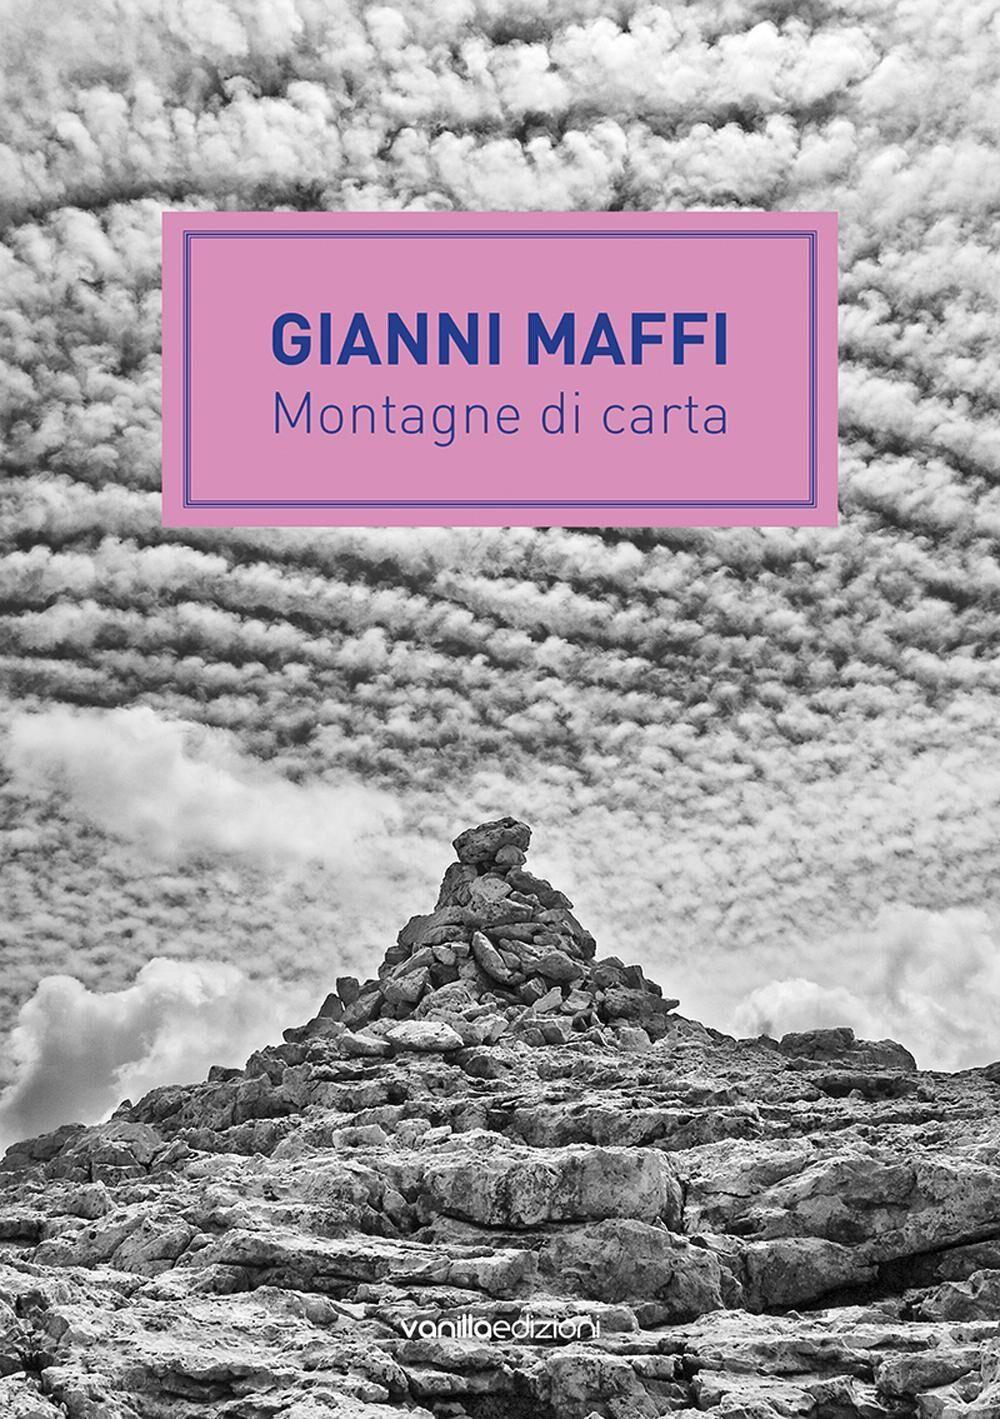 Gianni Maffi. Montagne di carta